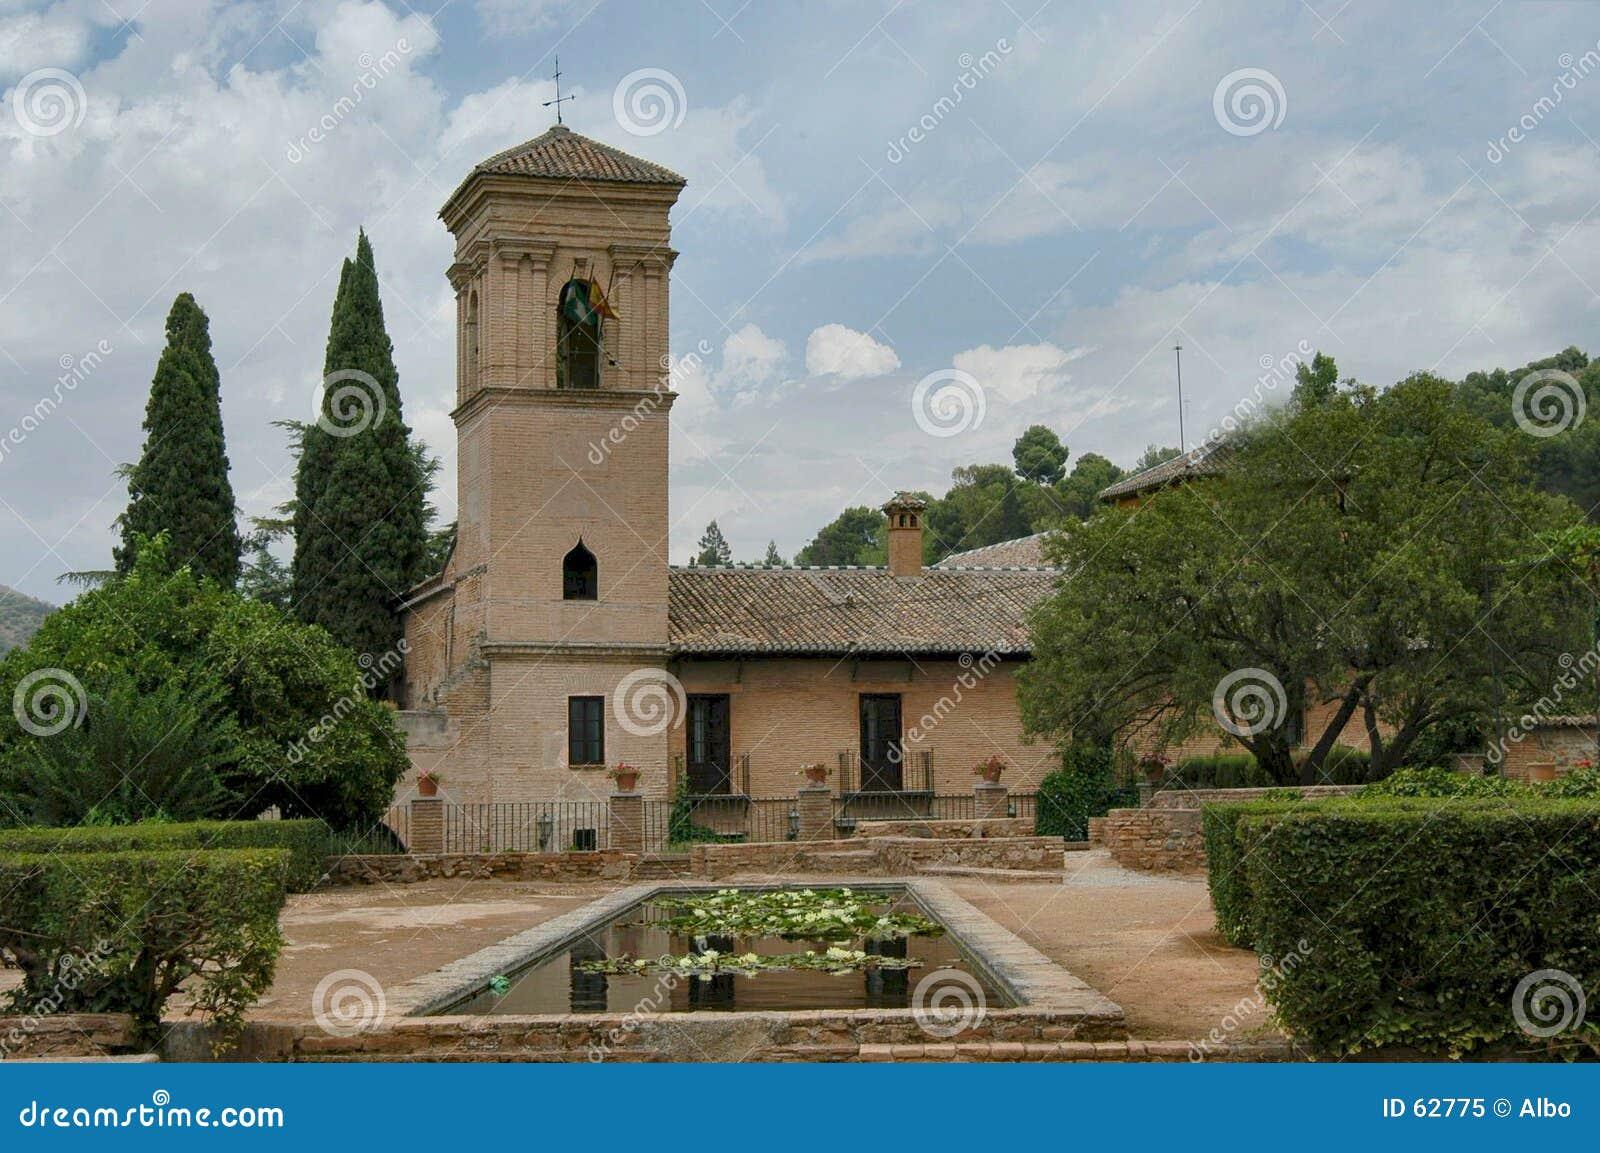 Download Jardin silencieux image stock. Image du vieux, structure - 62775